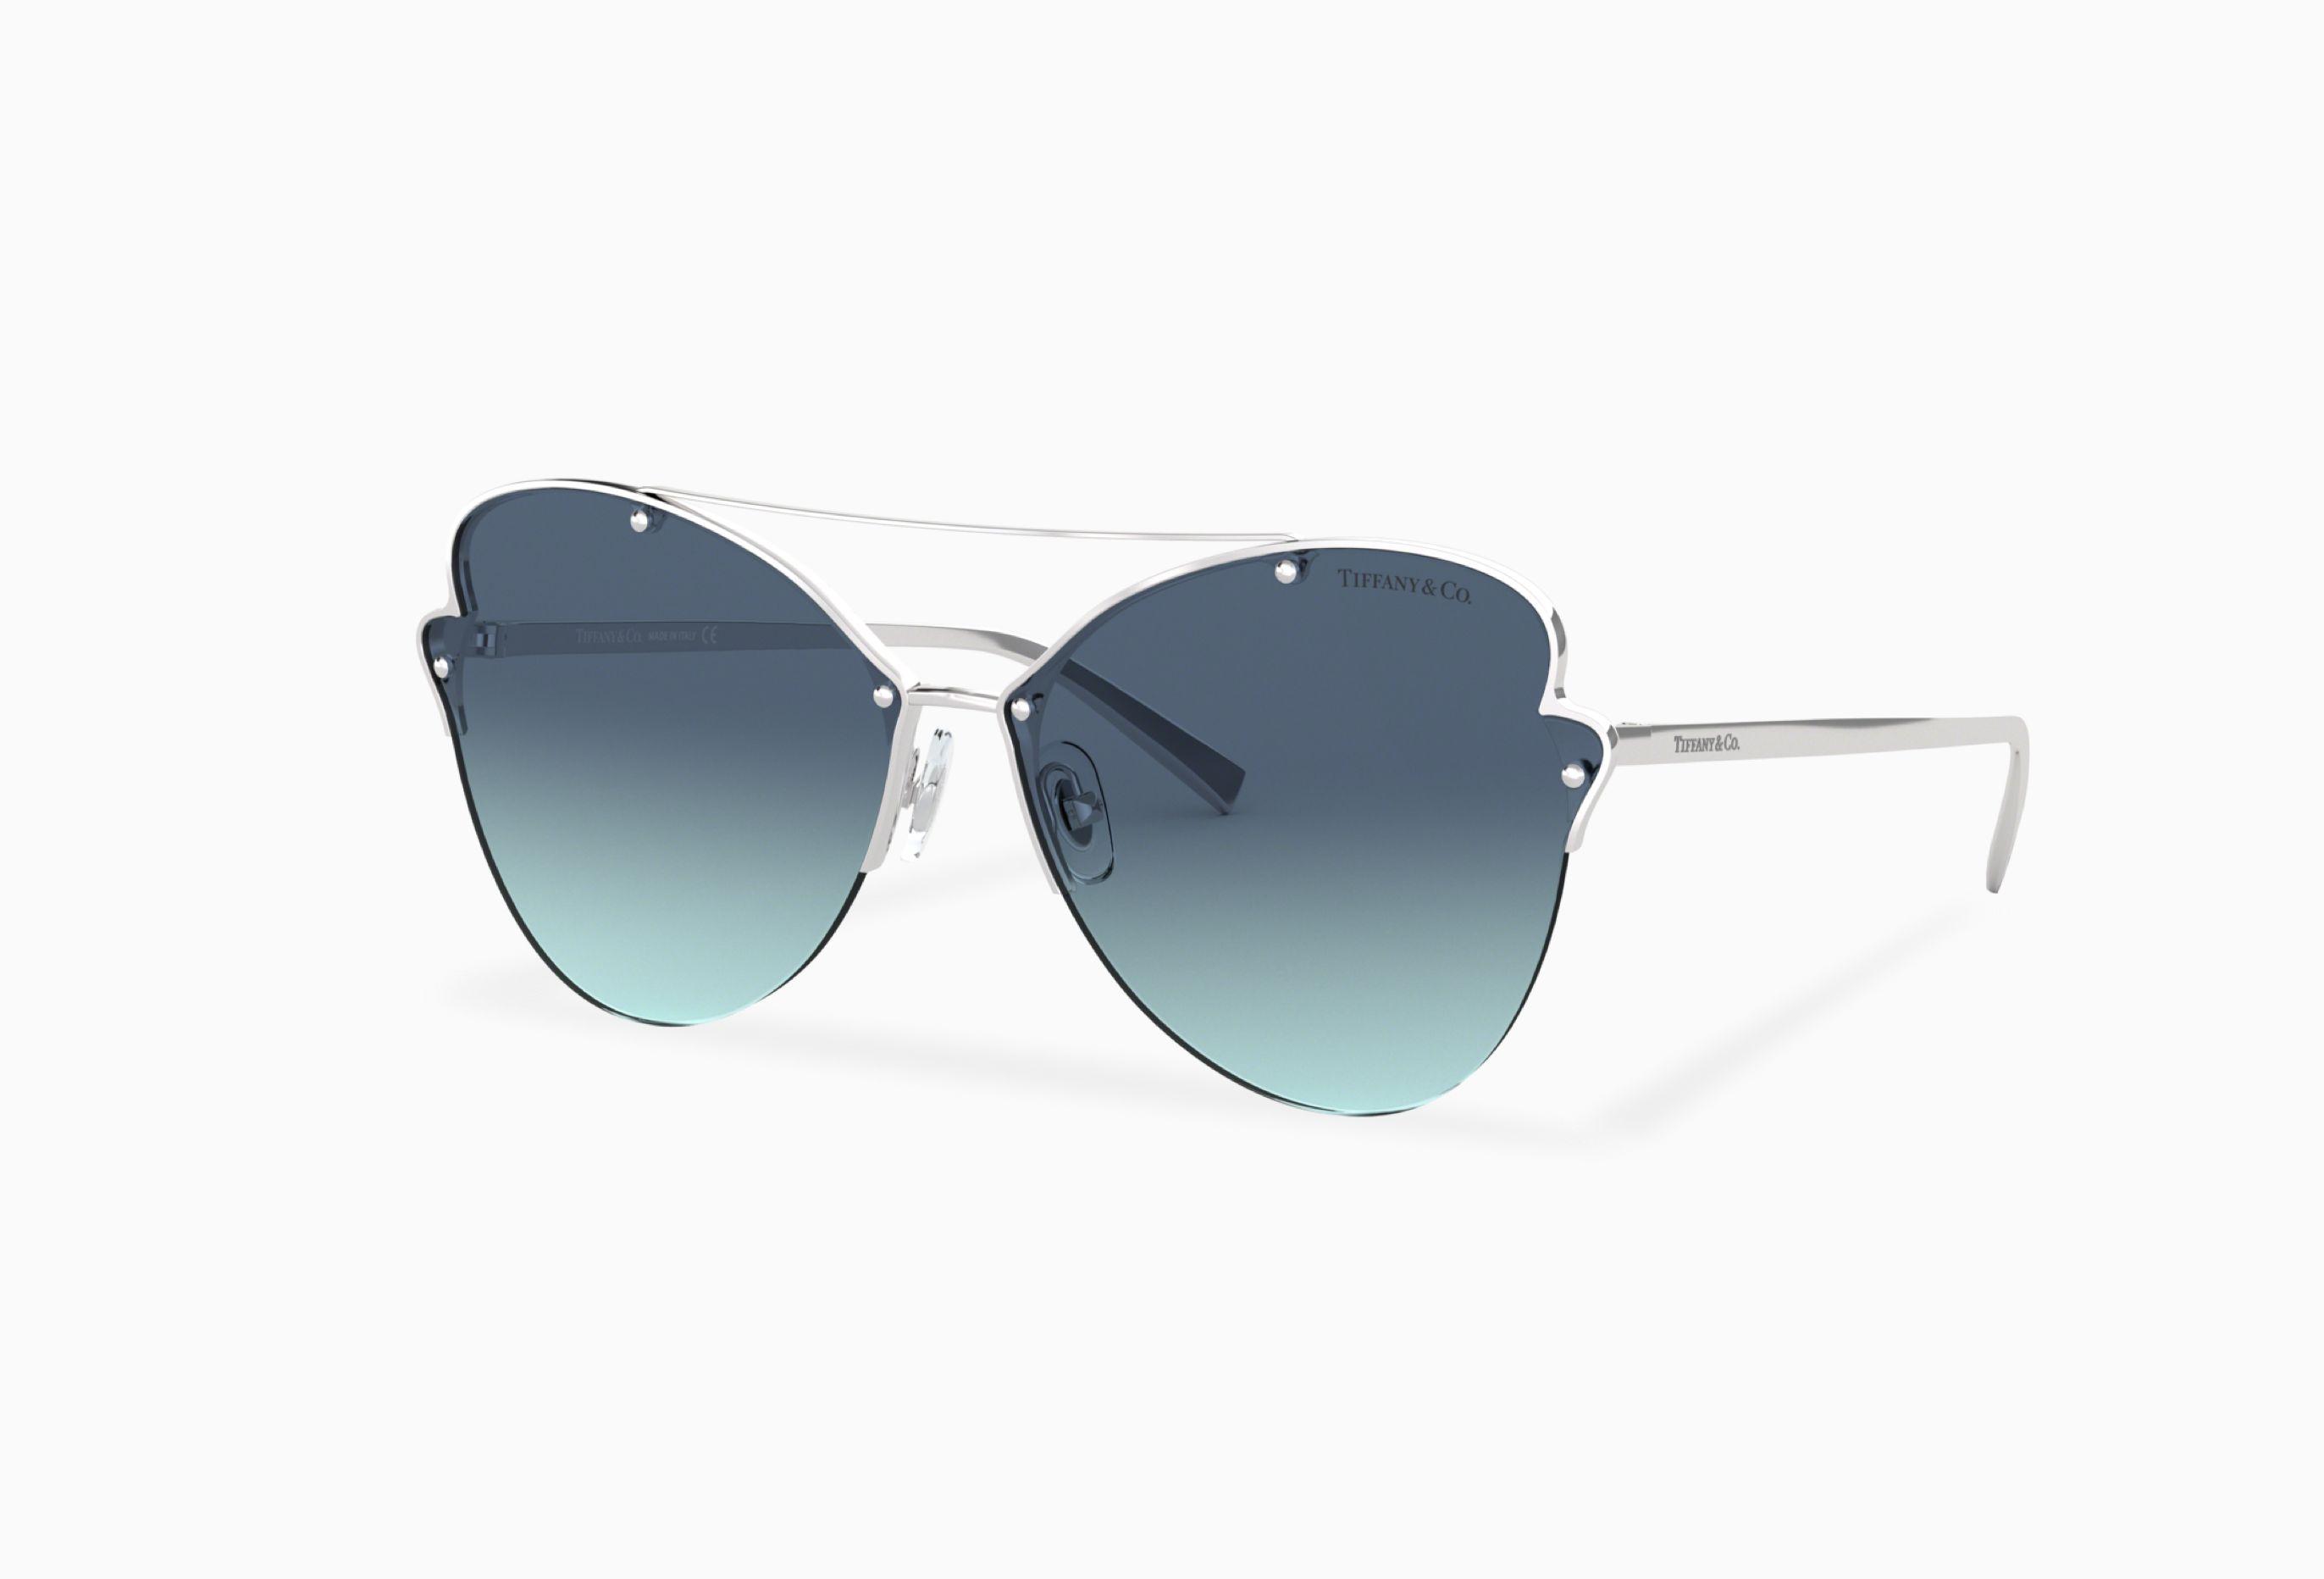 a2833e55b6 Tiffany TF3063 64 Blue   Silver Sunglasses